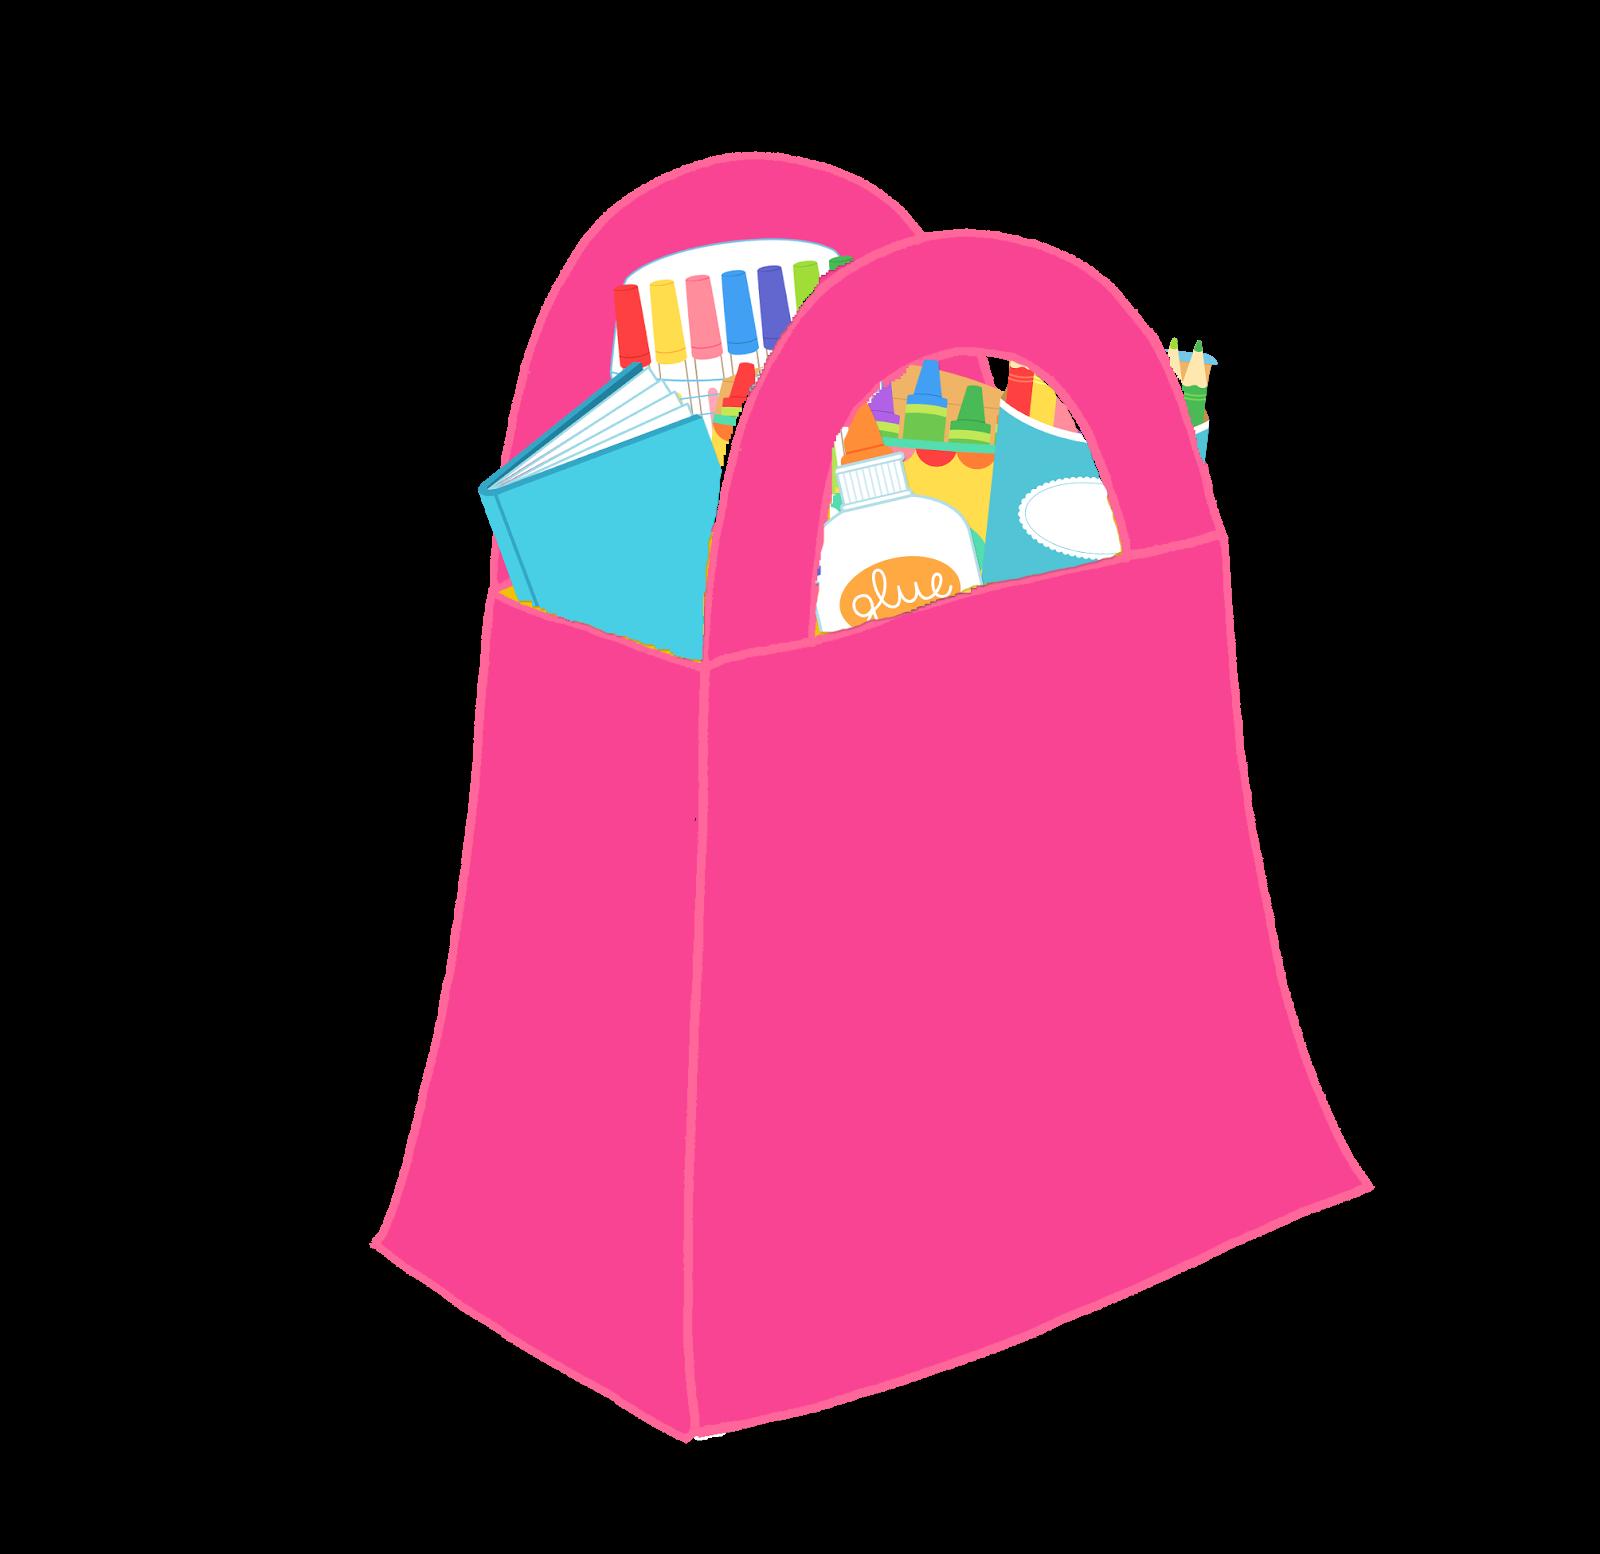 cute shopping bag clipart clipart suggest shopping bags clipart free shopping bag clip art black